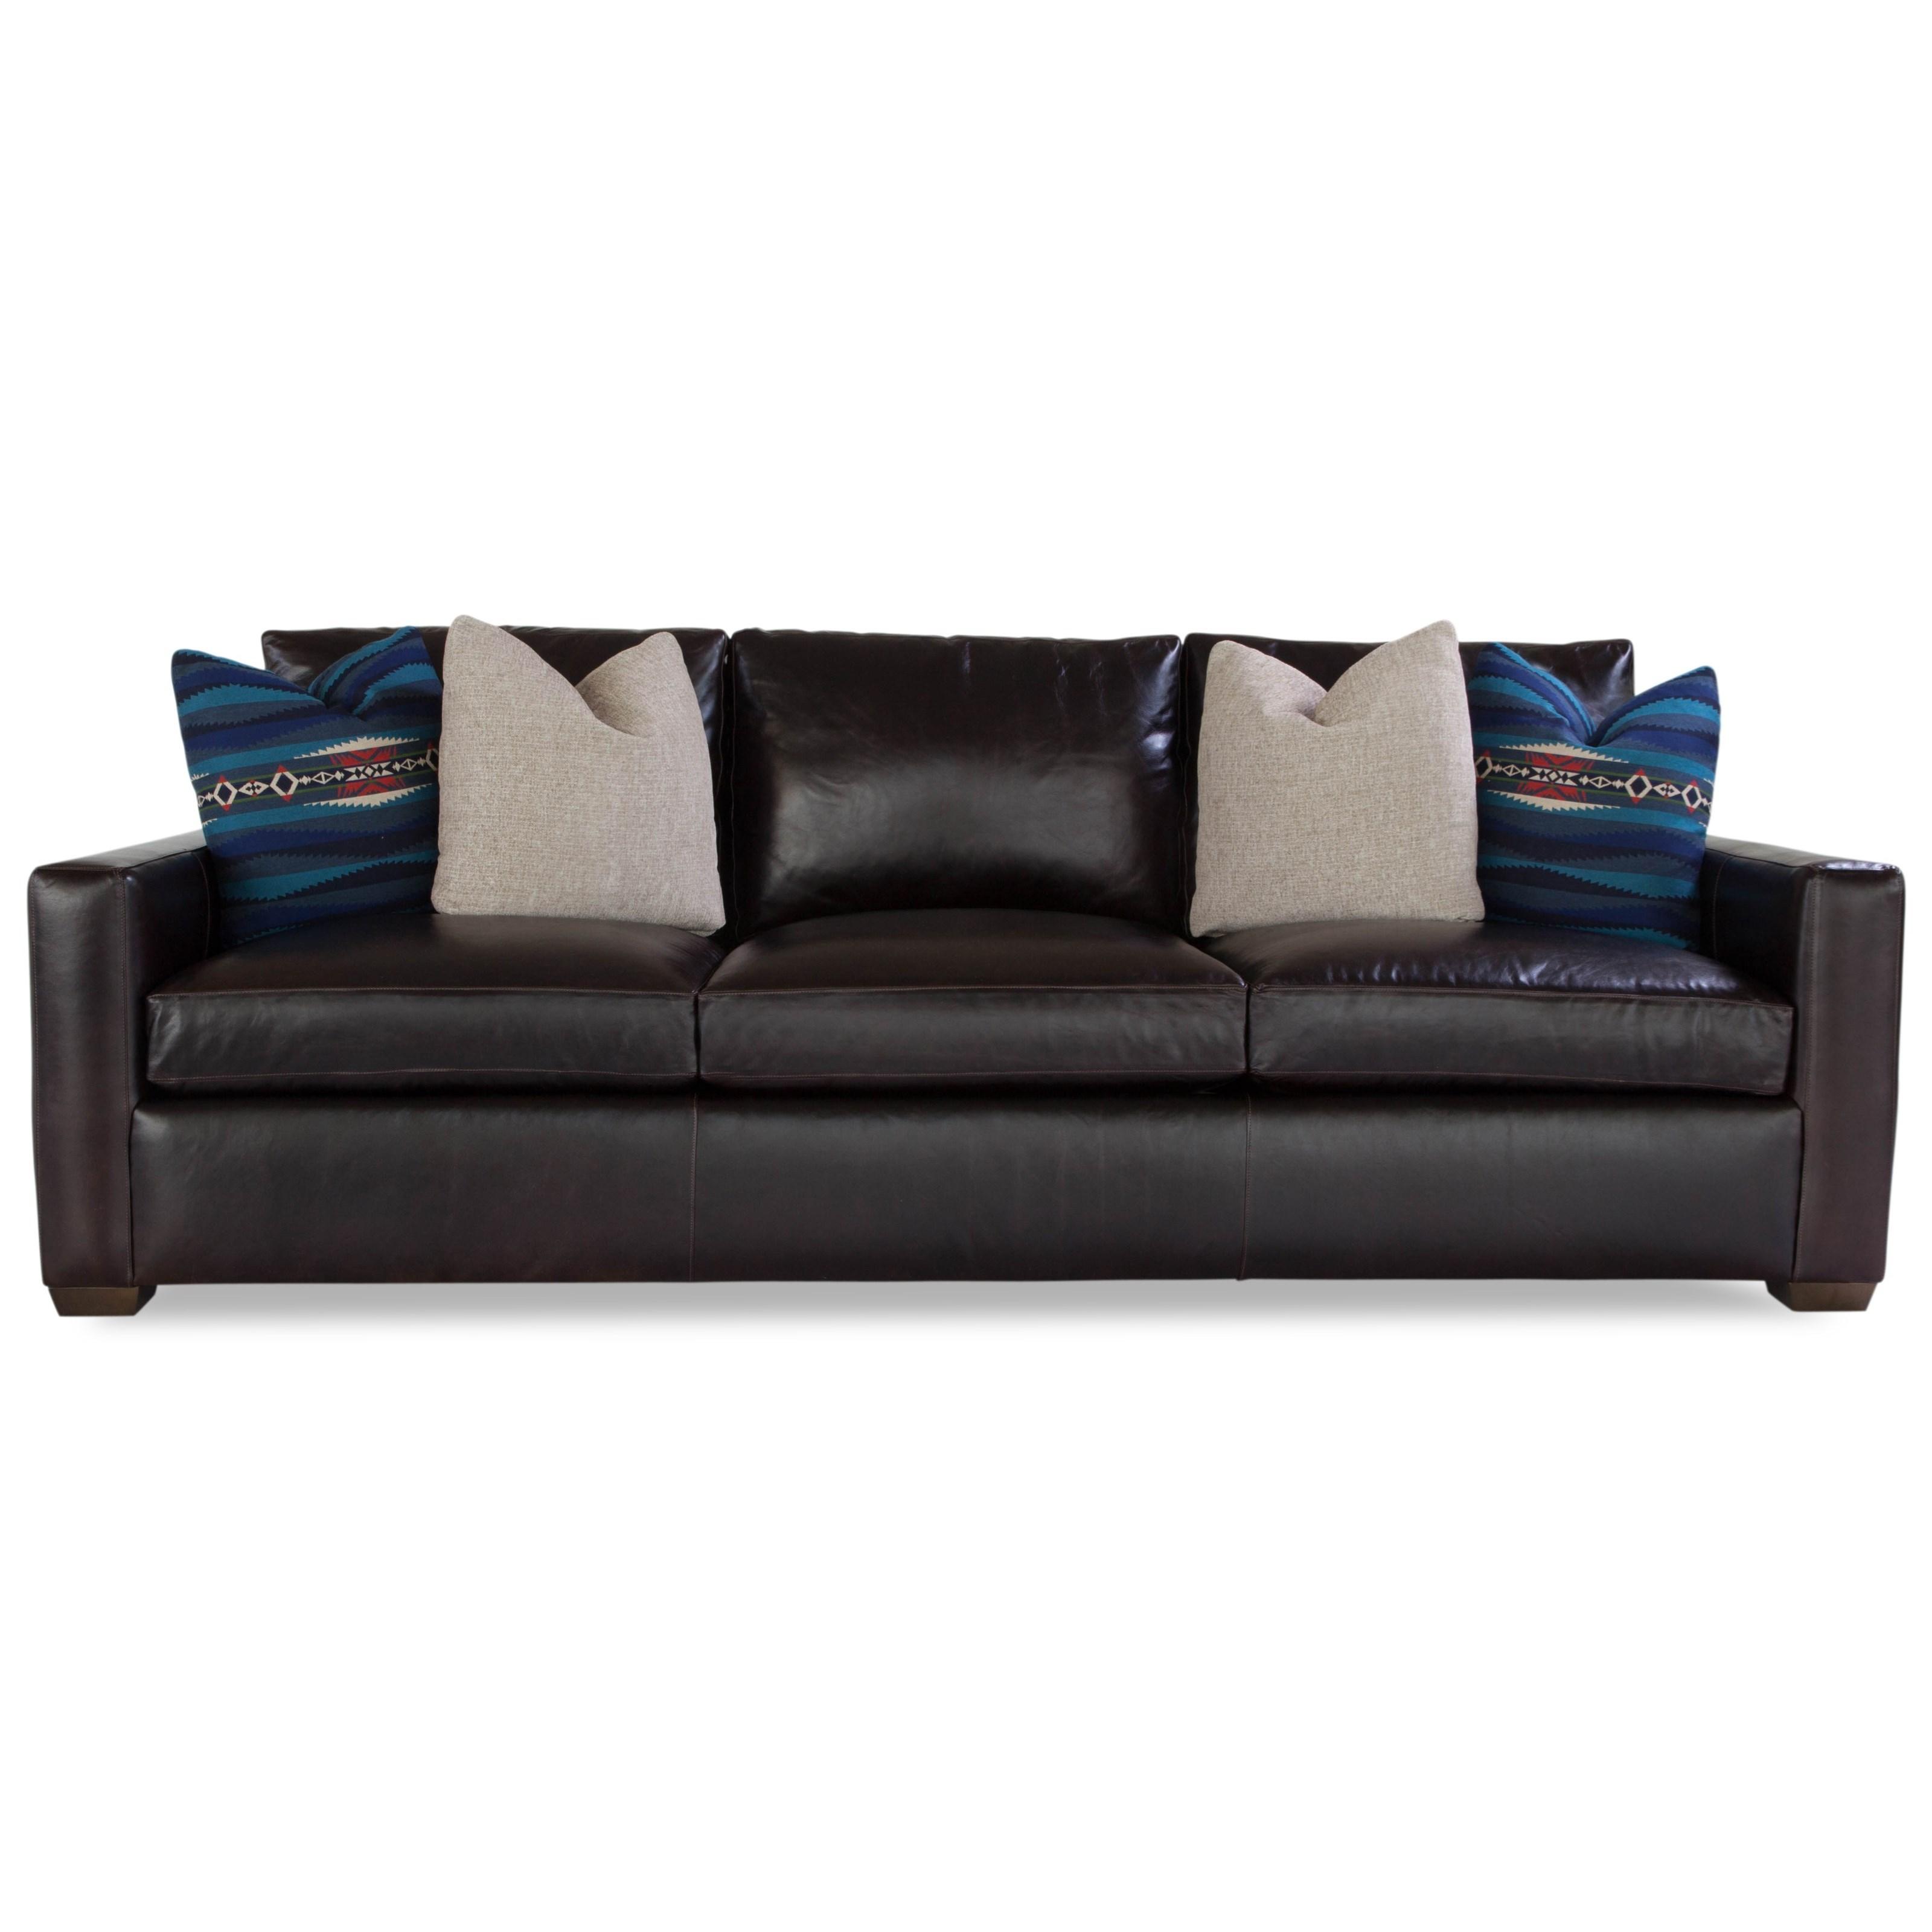 Plush Sofa w/ Track Arms by Geoffrey Alexander at Sprintz Furniture